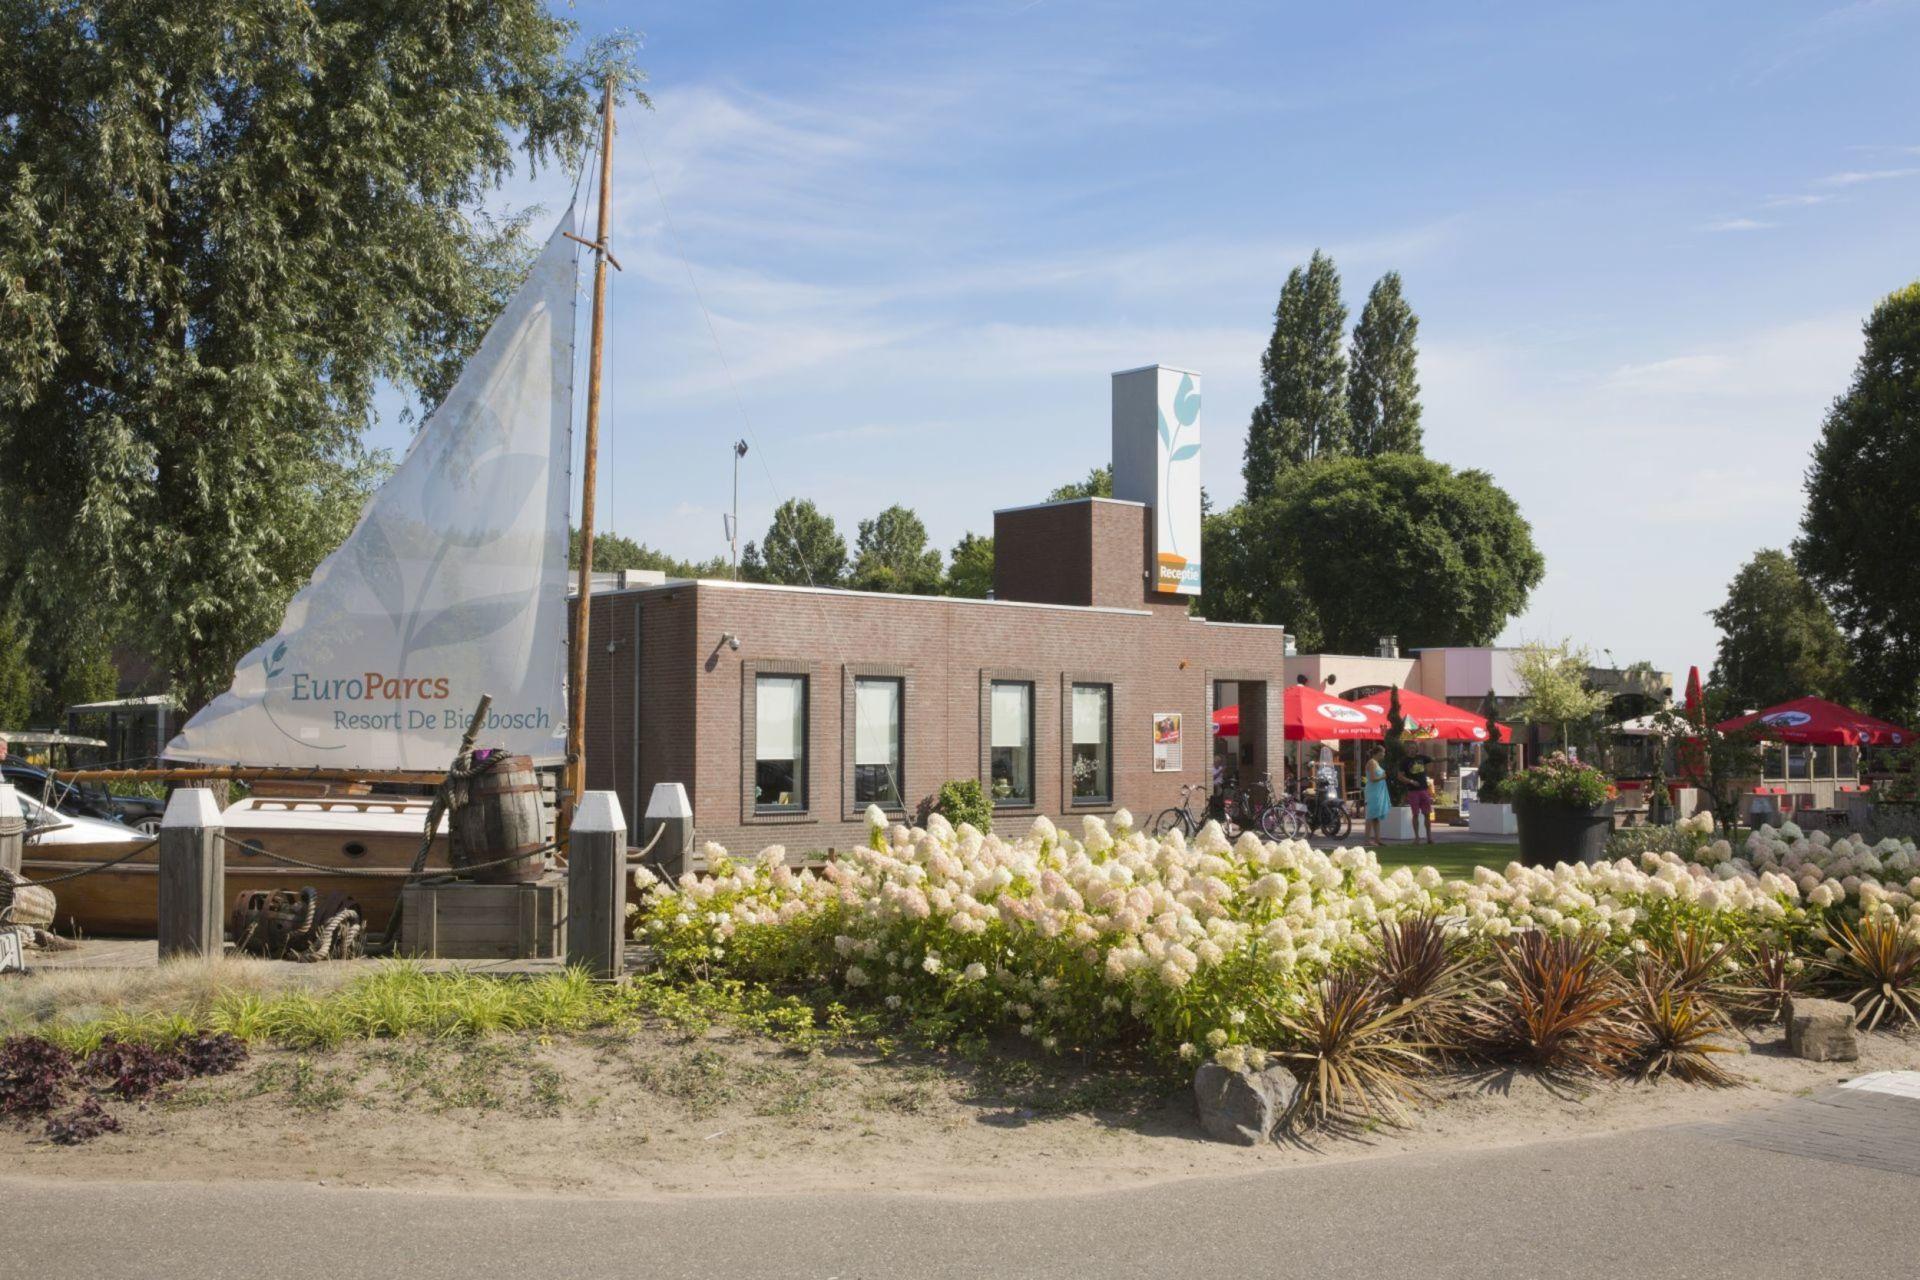 Receptie Resort De Biesbosch